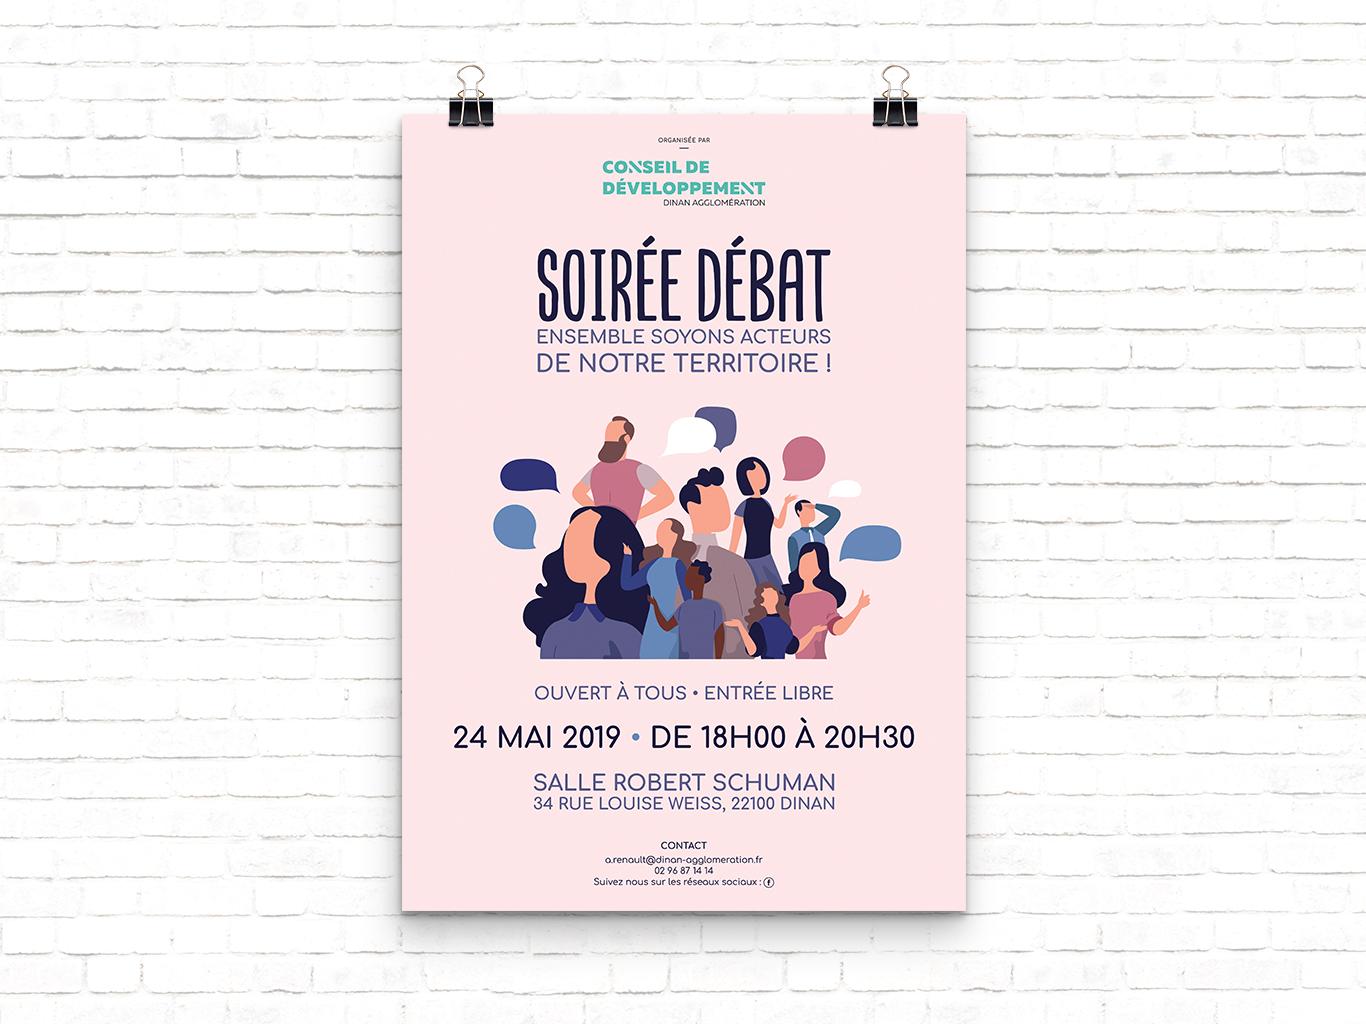 dinan-agglomeration-affiche-soiree-debat-shebam.jpg